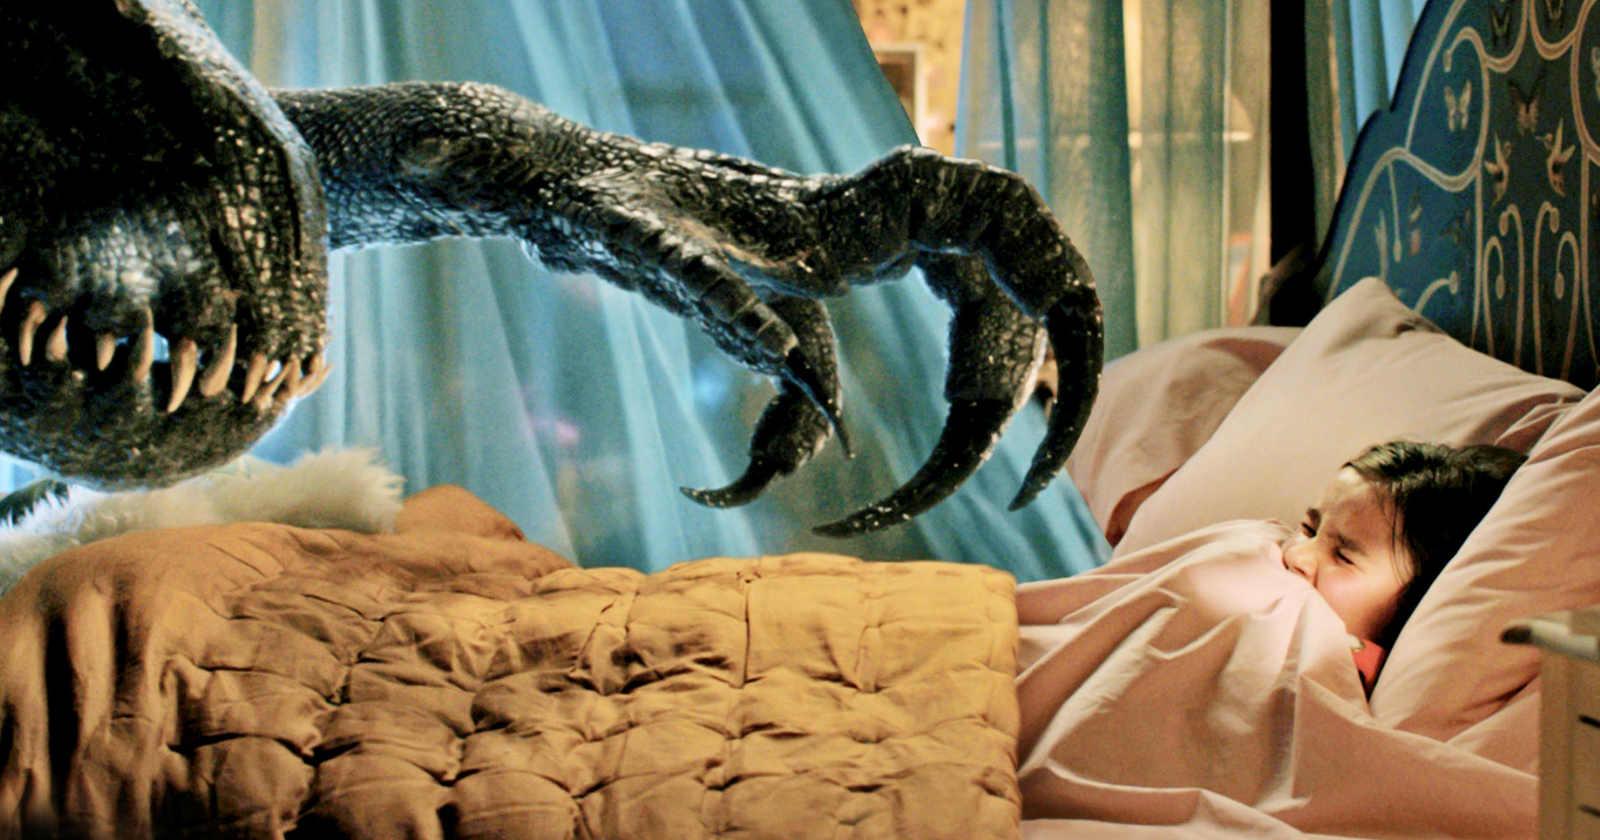 Jurassic World, El Reino Caído: así es la quinta película de la saga de dinosaurios